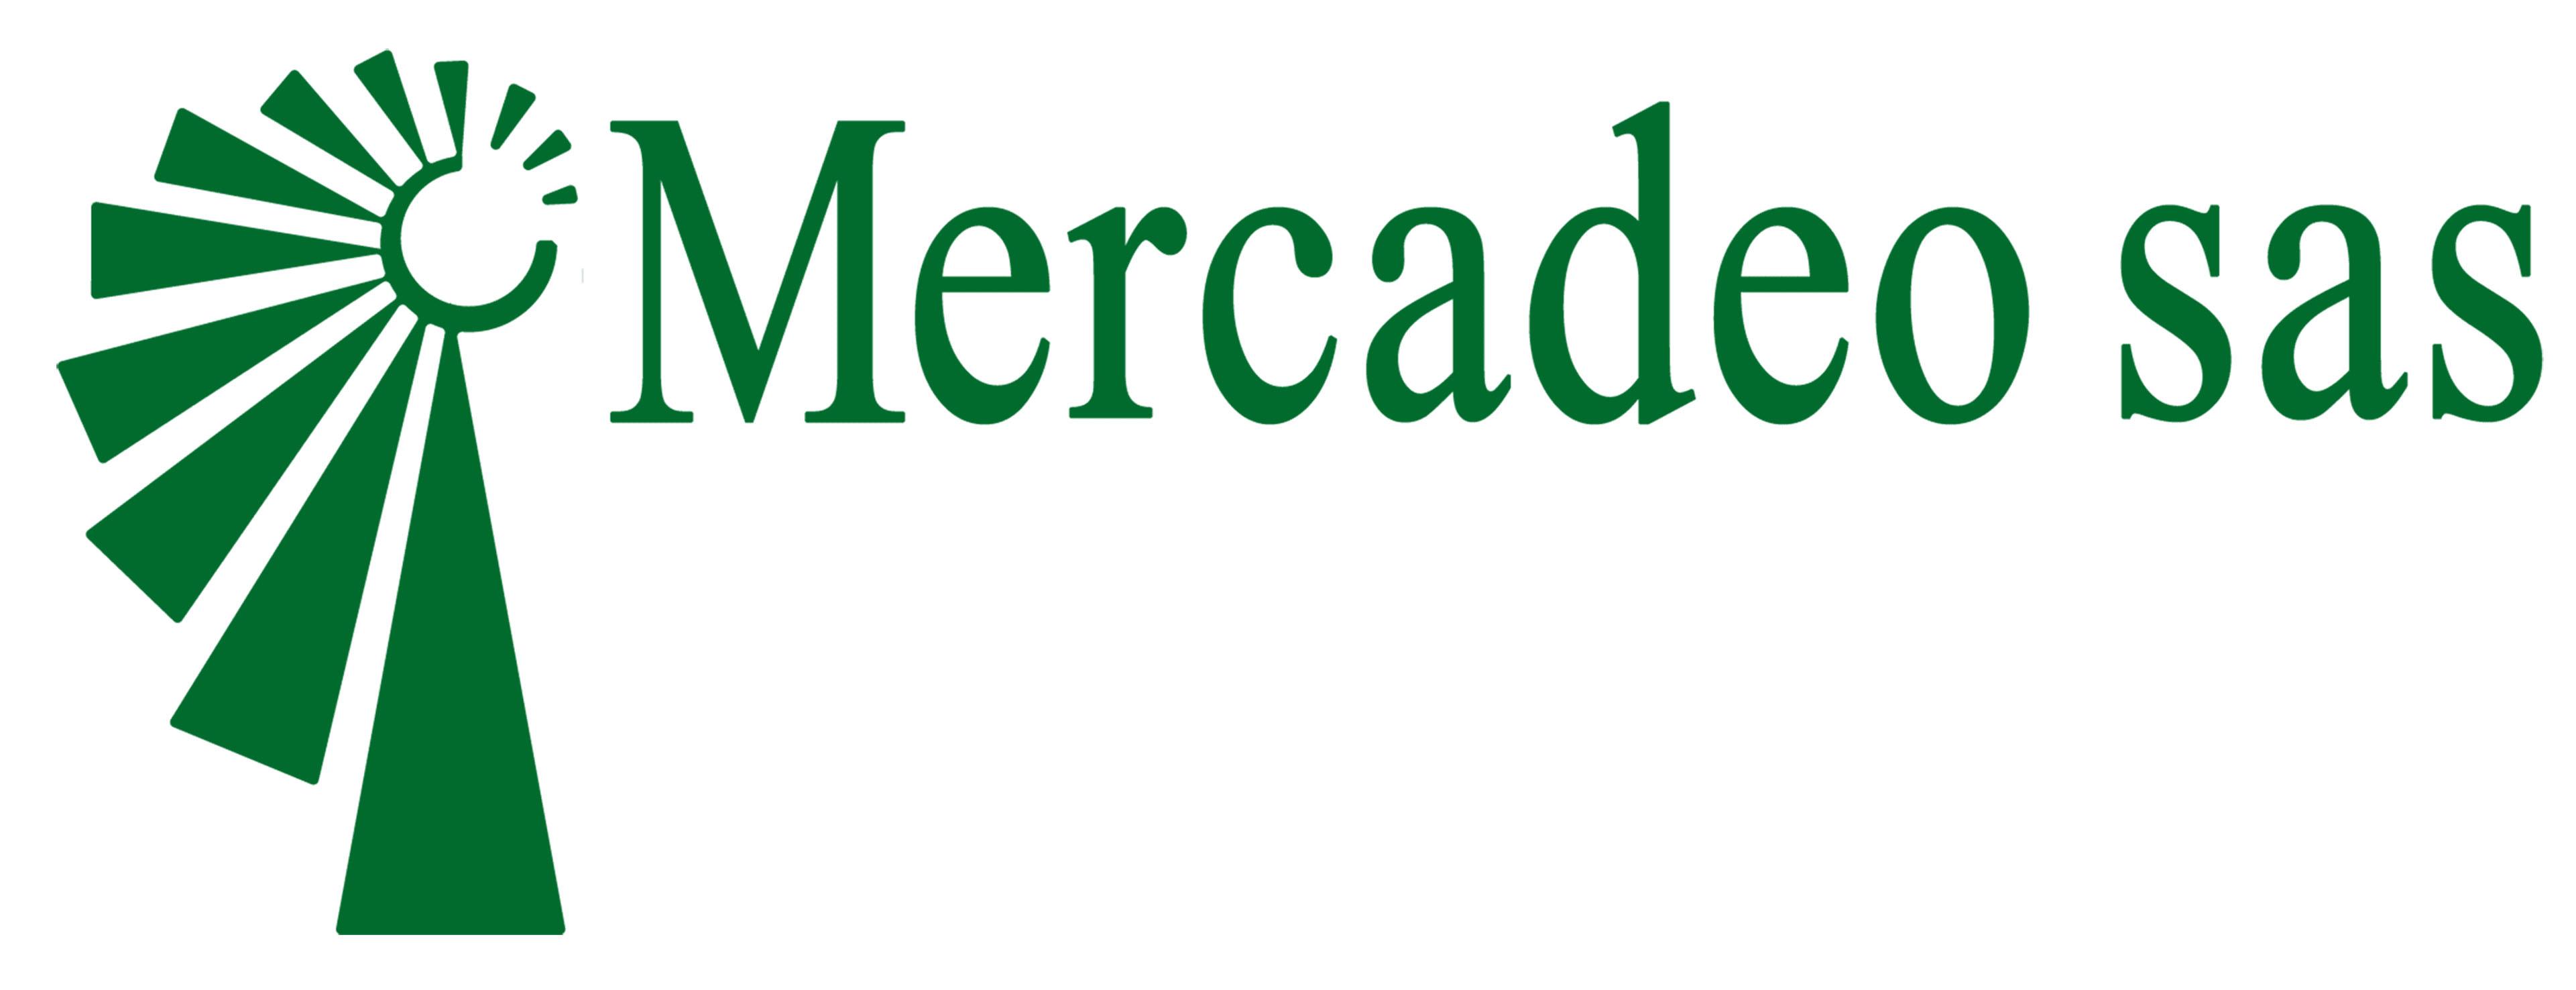 MERCADEO S.A.S.